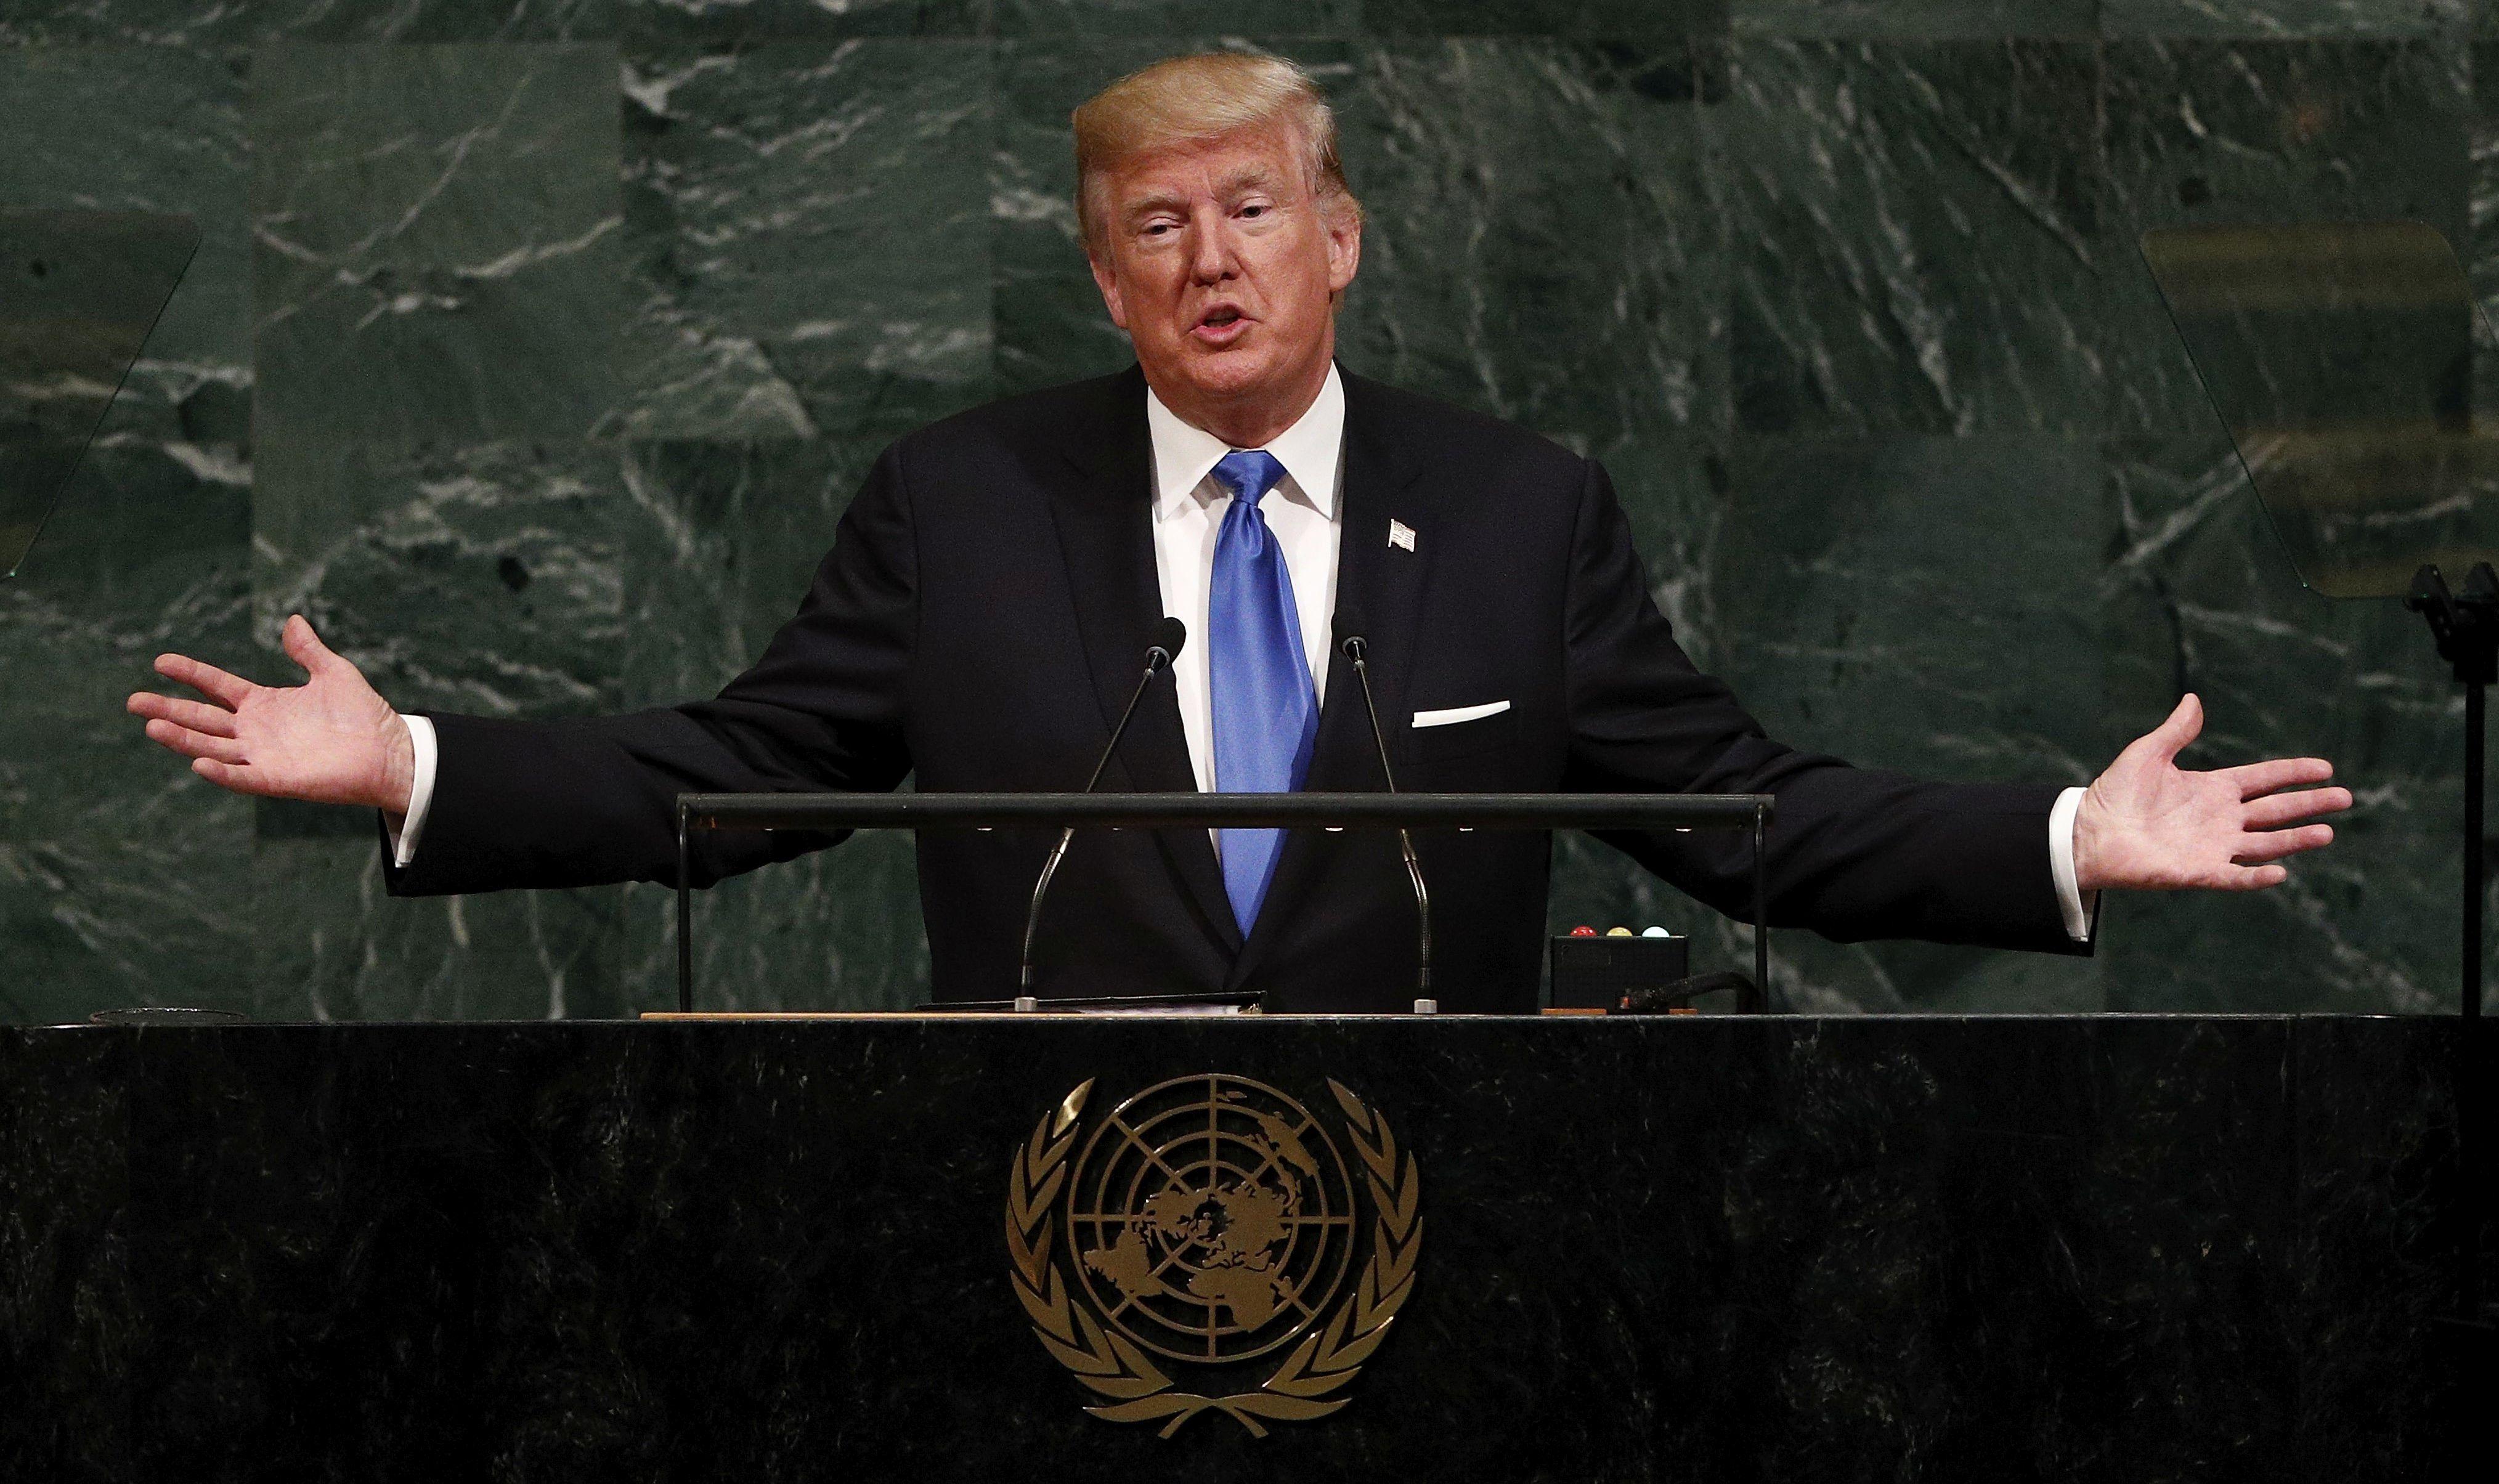 Trump odlučio o iranskom nuklearnom sporazumu, no odluku ne otkriva